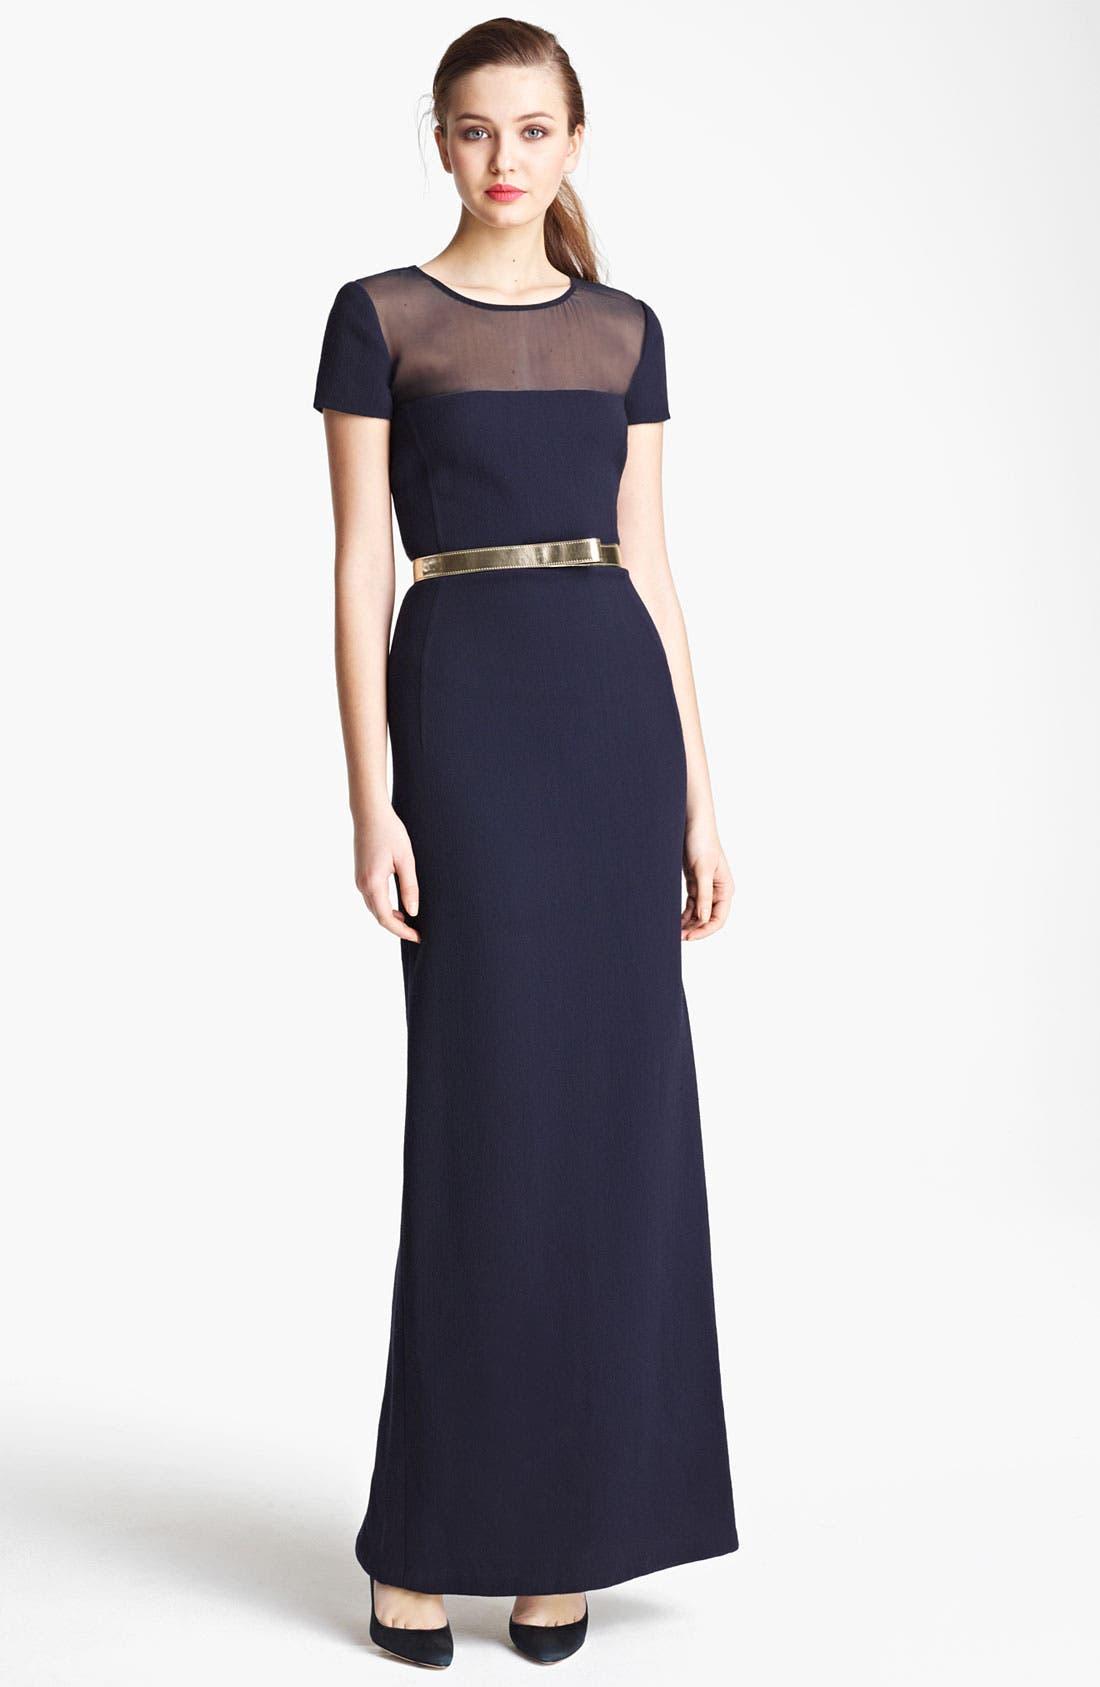 Alternate Image 1 Selected - Oscar de la Renta Illusion Bodice Gown